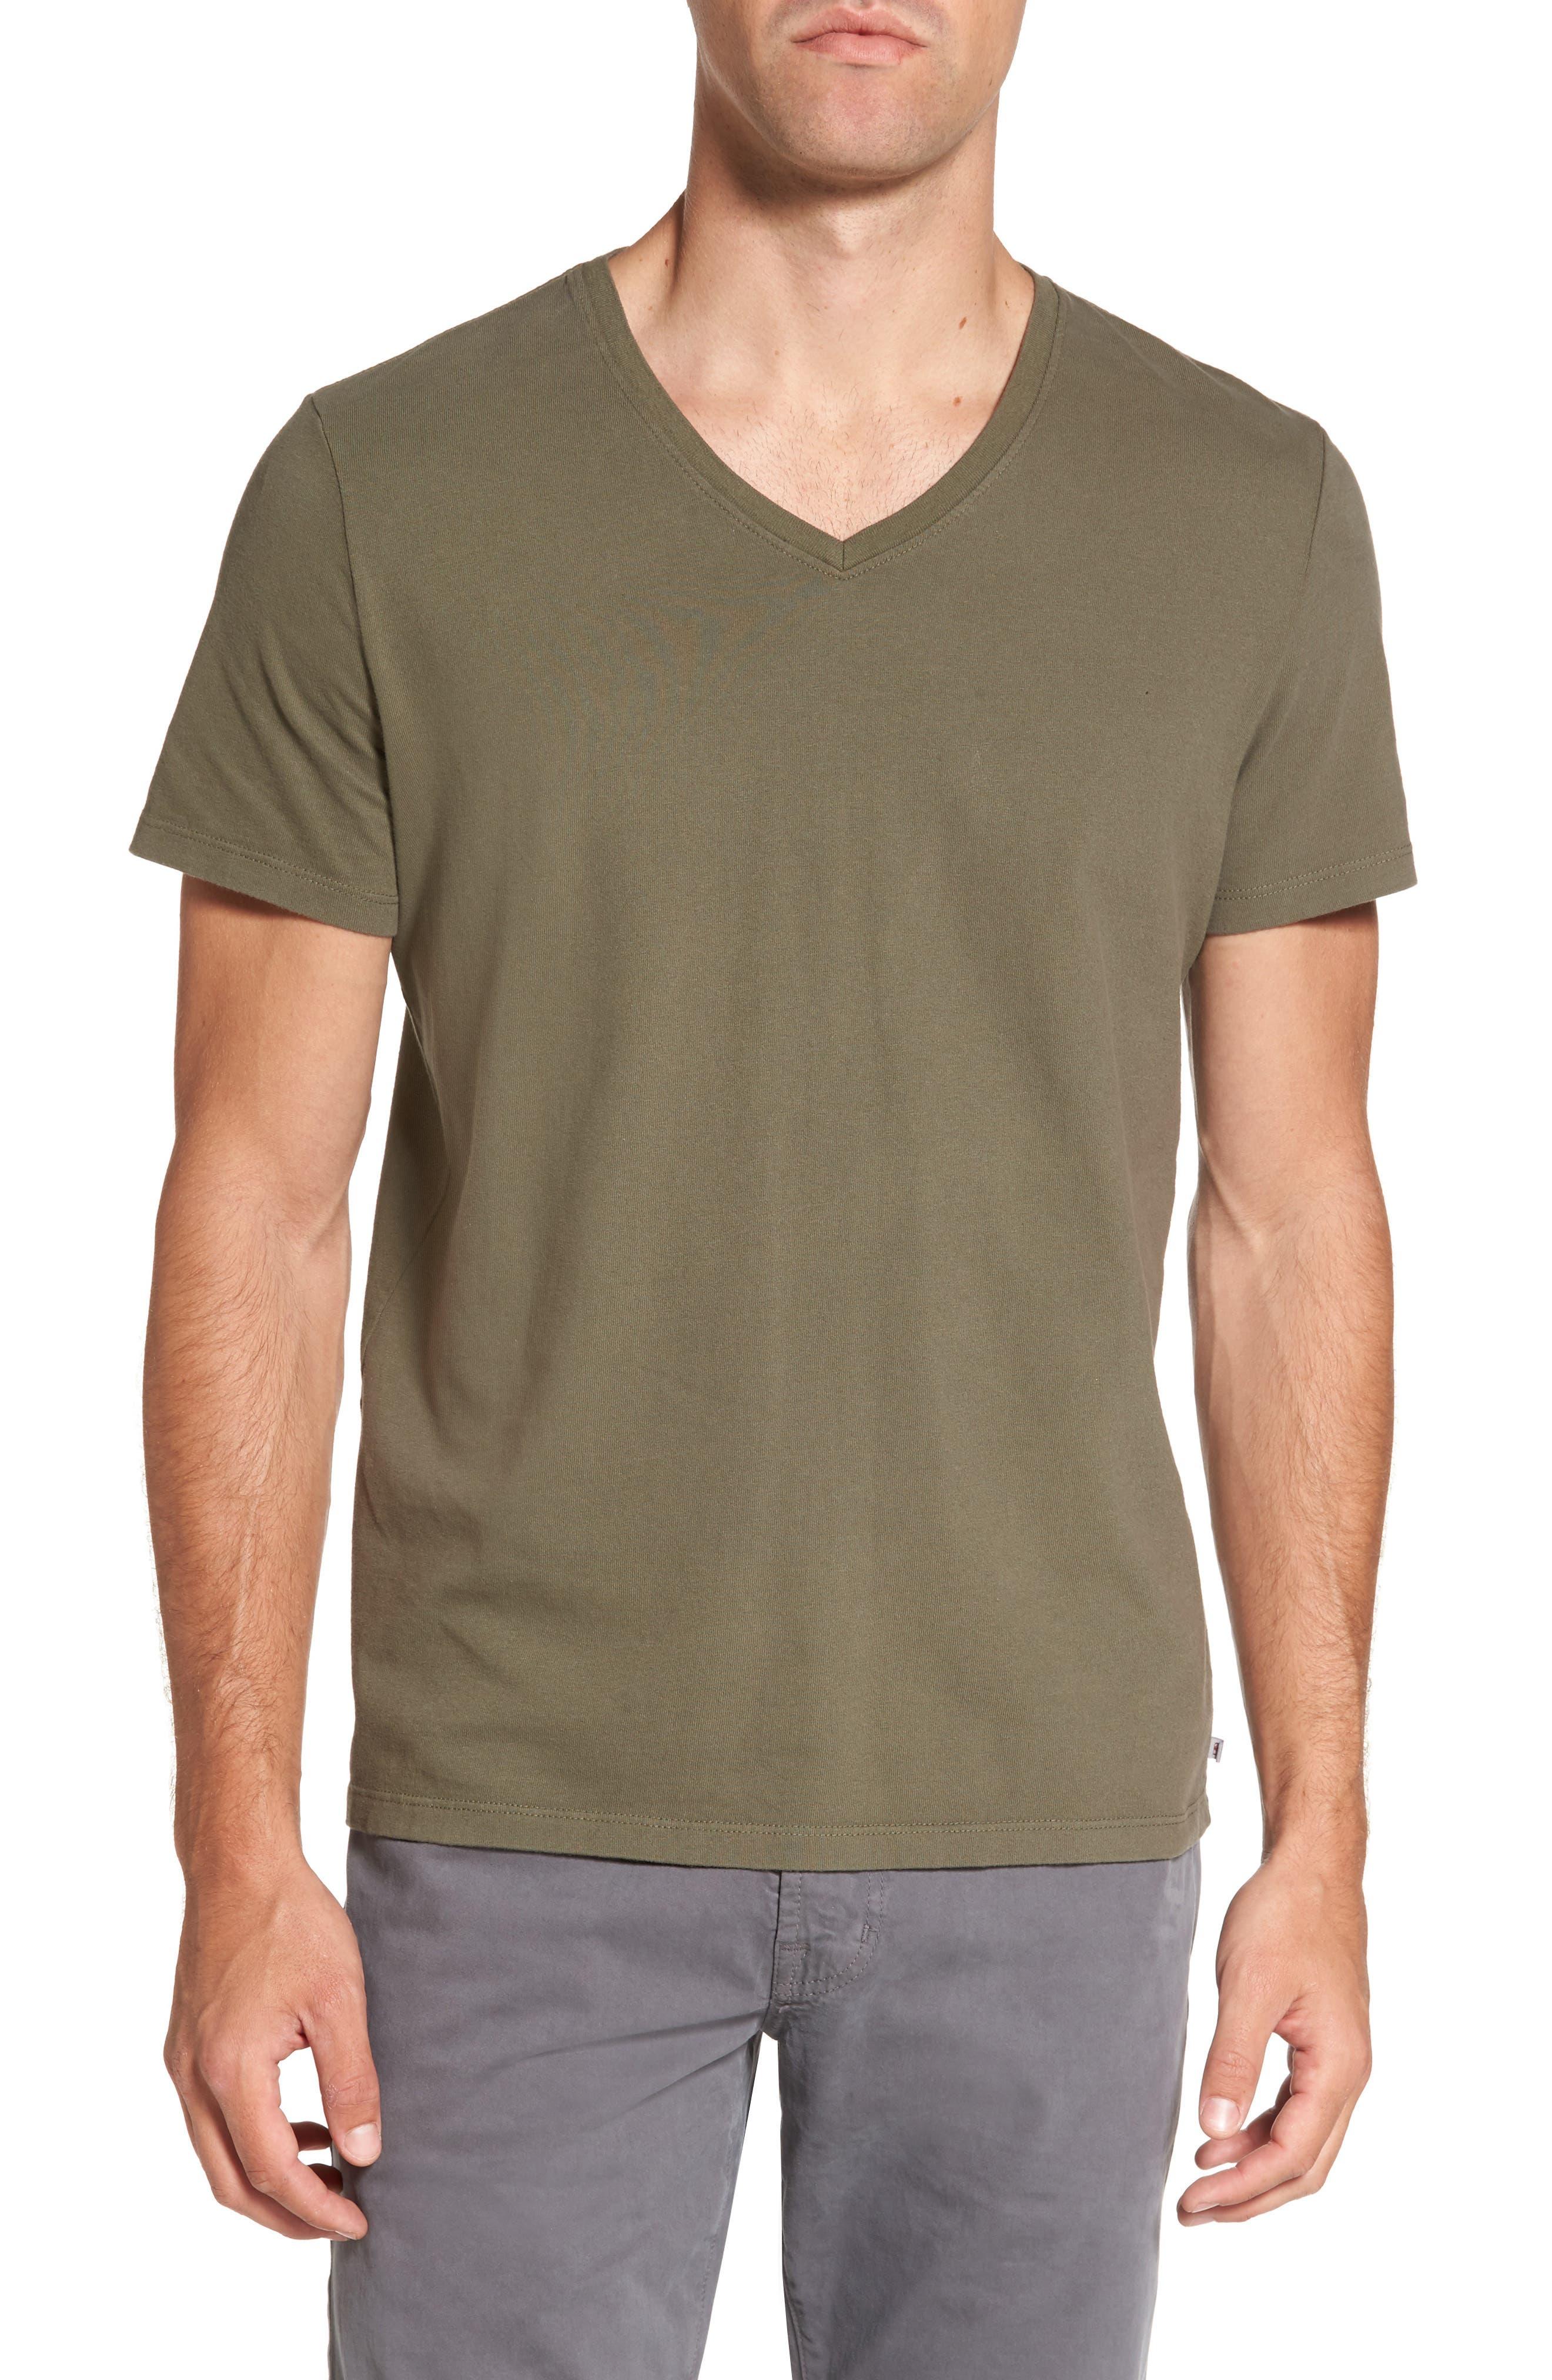 AG 'Commute' V-Neck T-Shirt